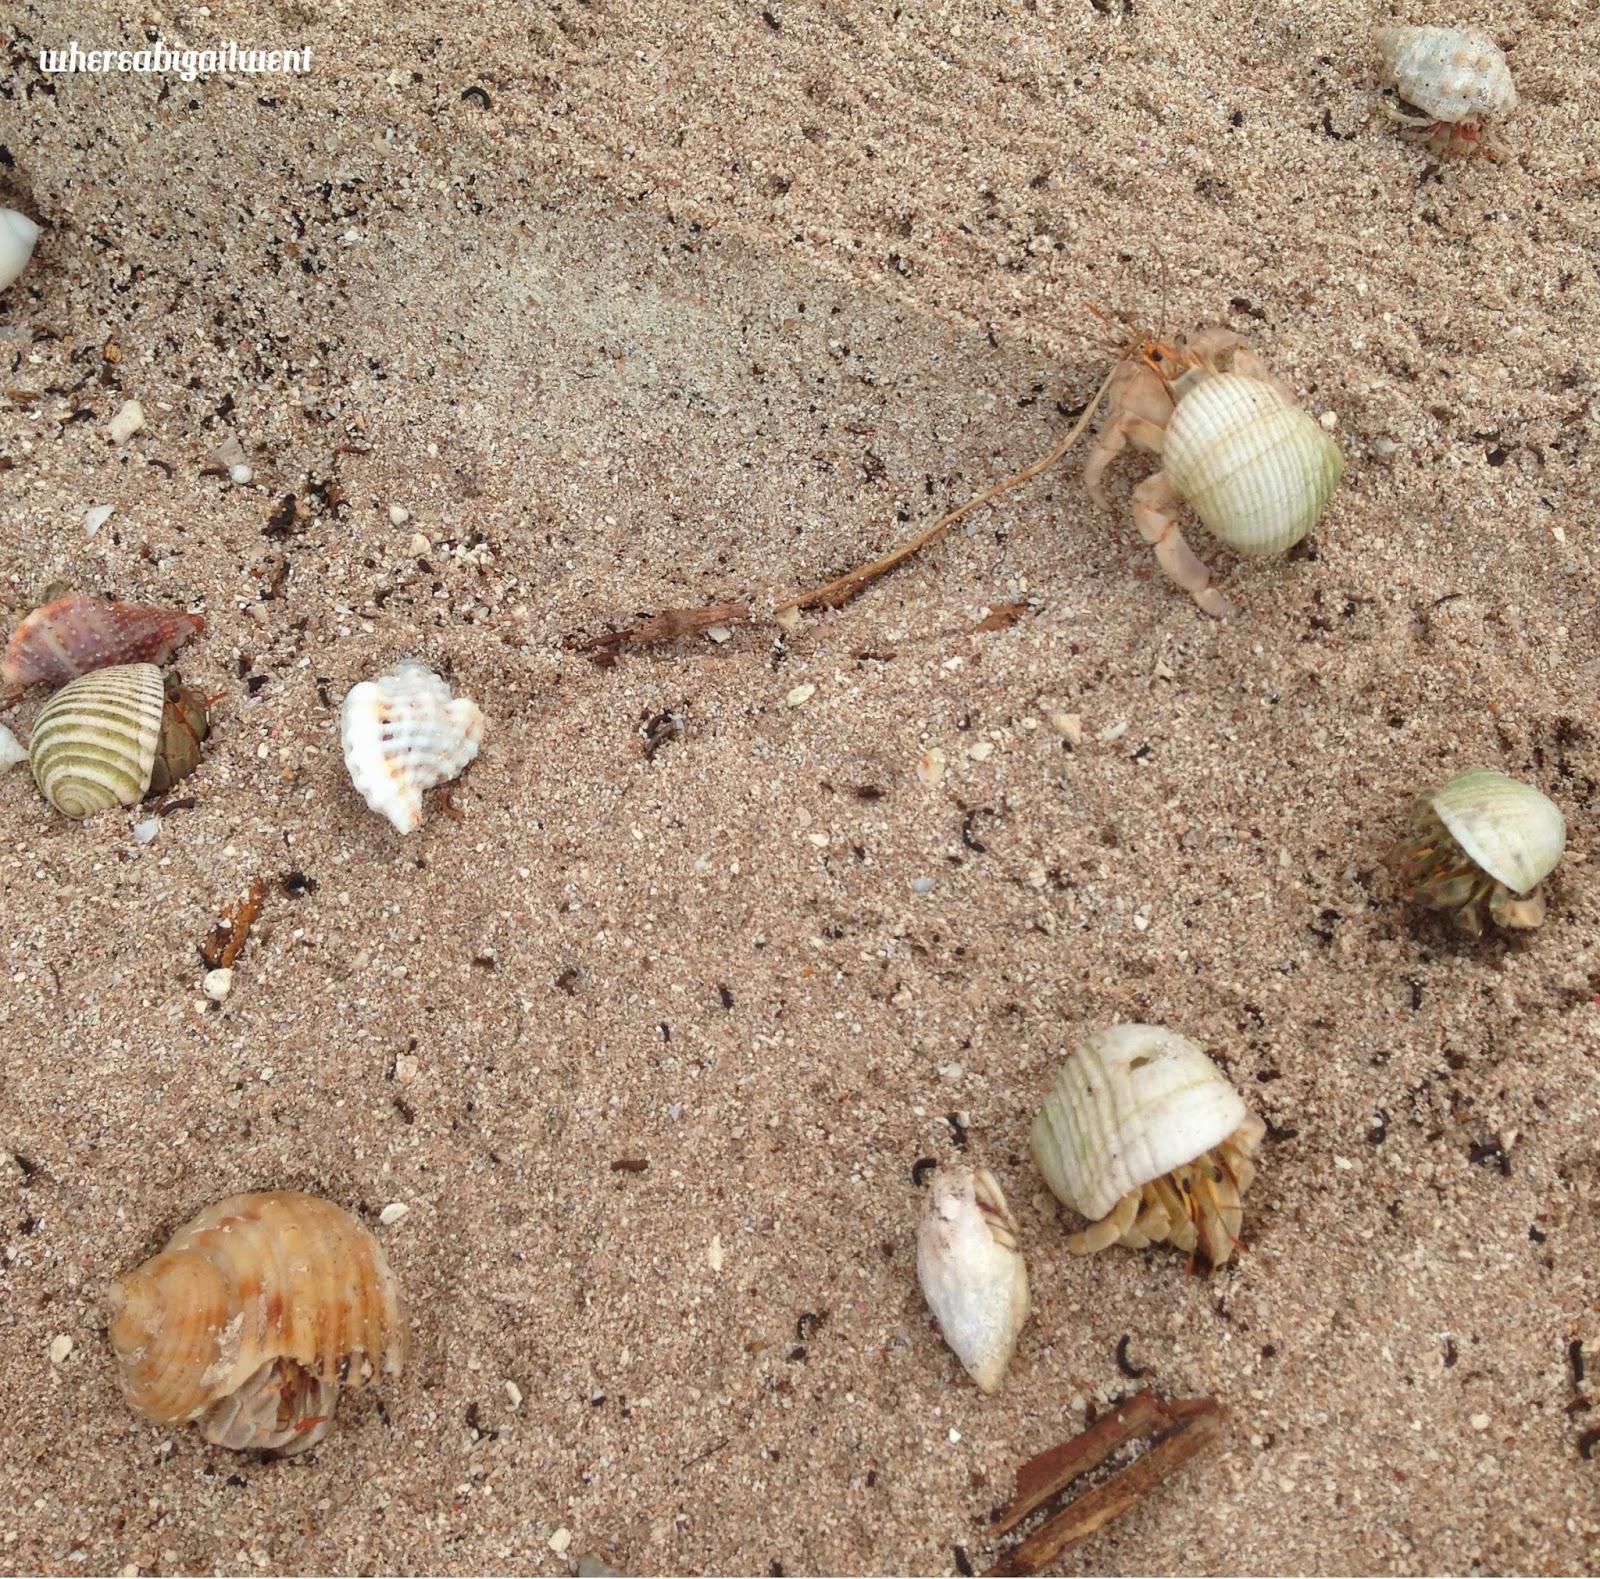 Amilla Fushi Beach Hermit Crabs